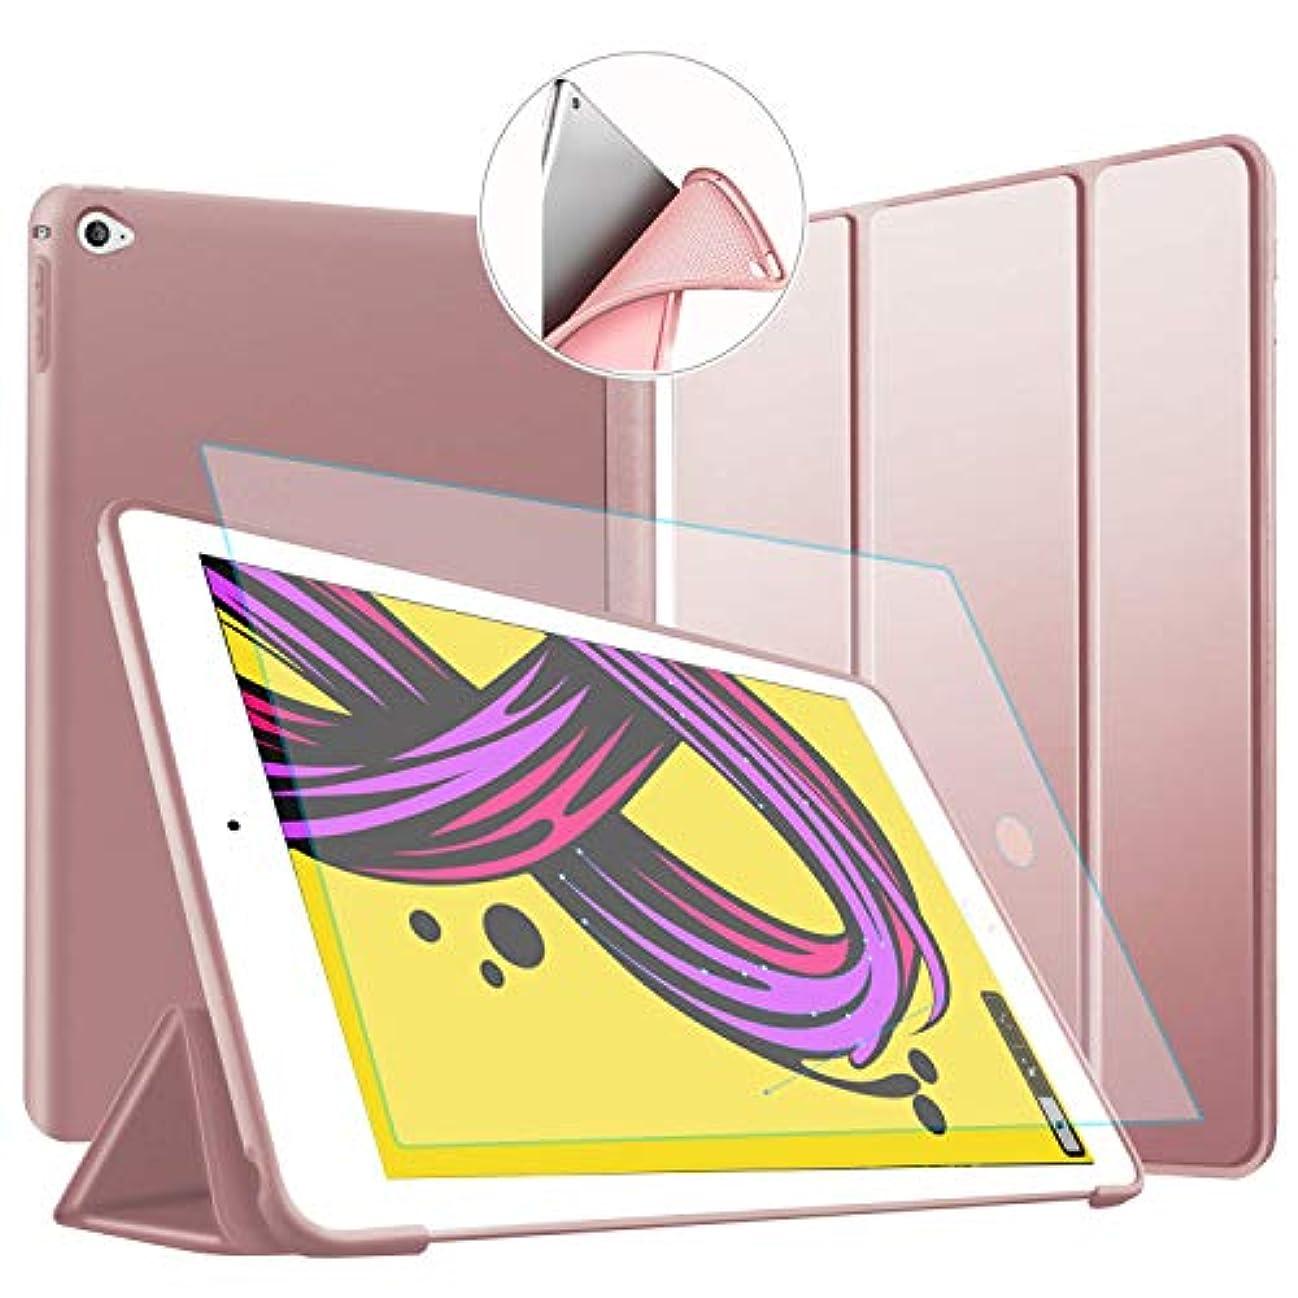 エンディングハンマーなかなか[2点セット] JINEVE iPad Mini4 ケース (iPad mini 4 専用) 【mini4専用ケース+Mini 4 ガラスフィルム】 三つ折スタンド 超薄型 超軽量 耐衝撃 全面保護型 スマートカバー 自動スリープ/ウェイク機能付き (ローズゴールド)